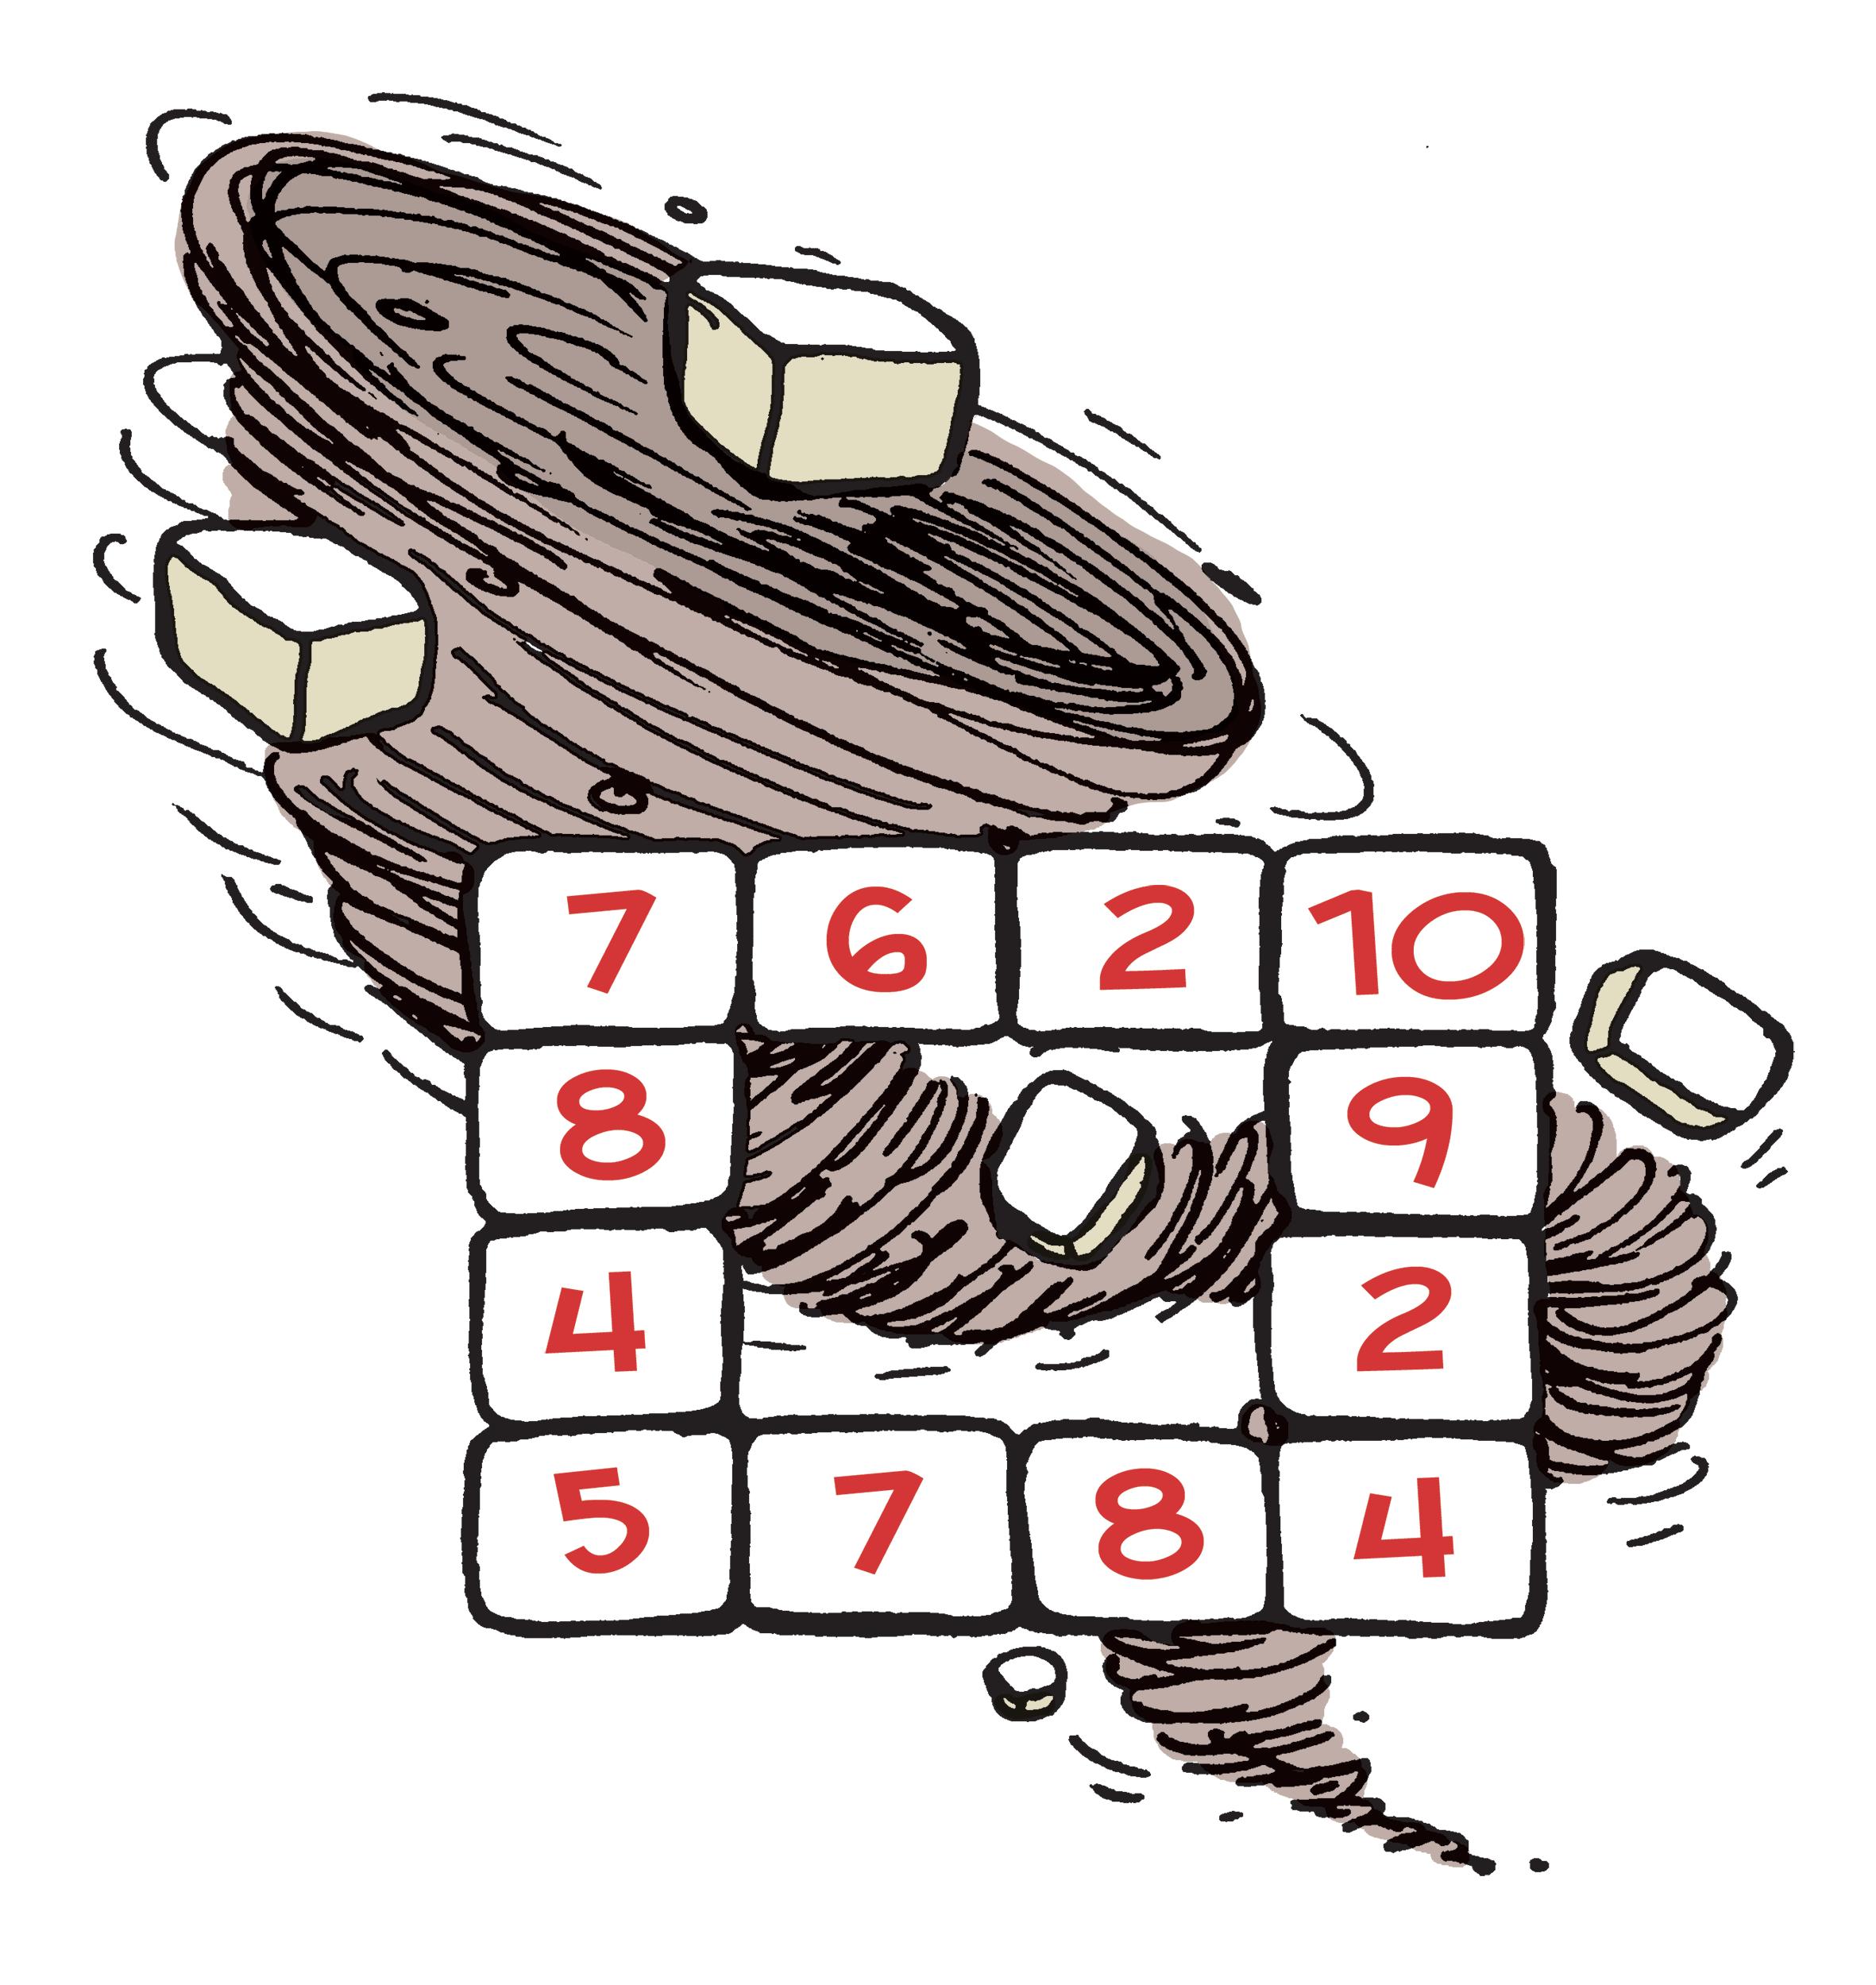 Puzzle illustration for CSIRO